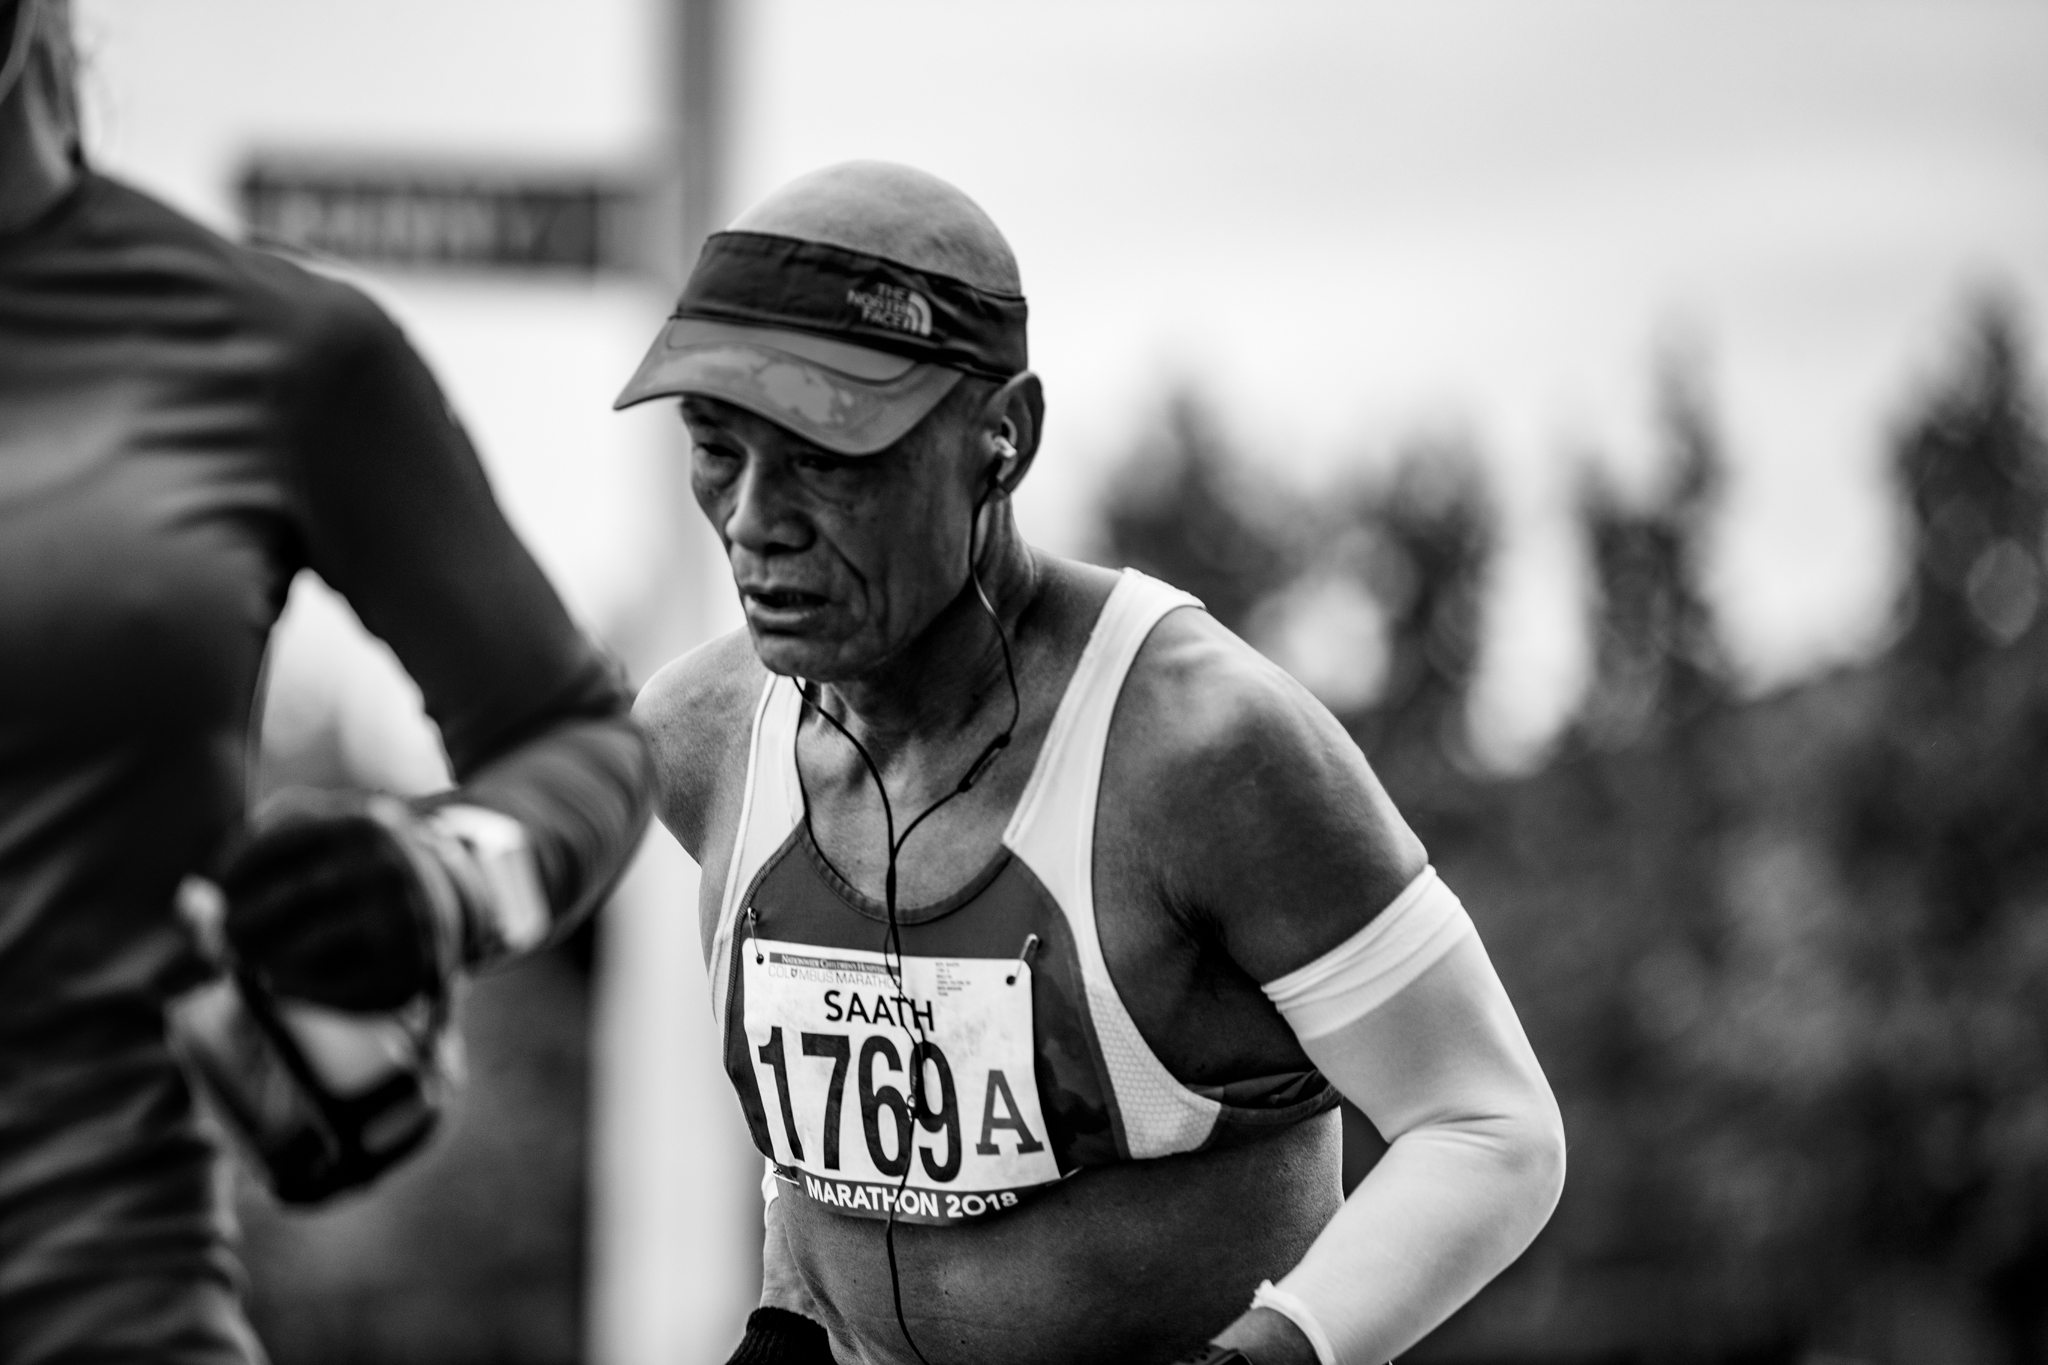 Cols-Marathon-2018_017_bko.jpg